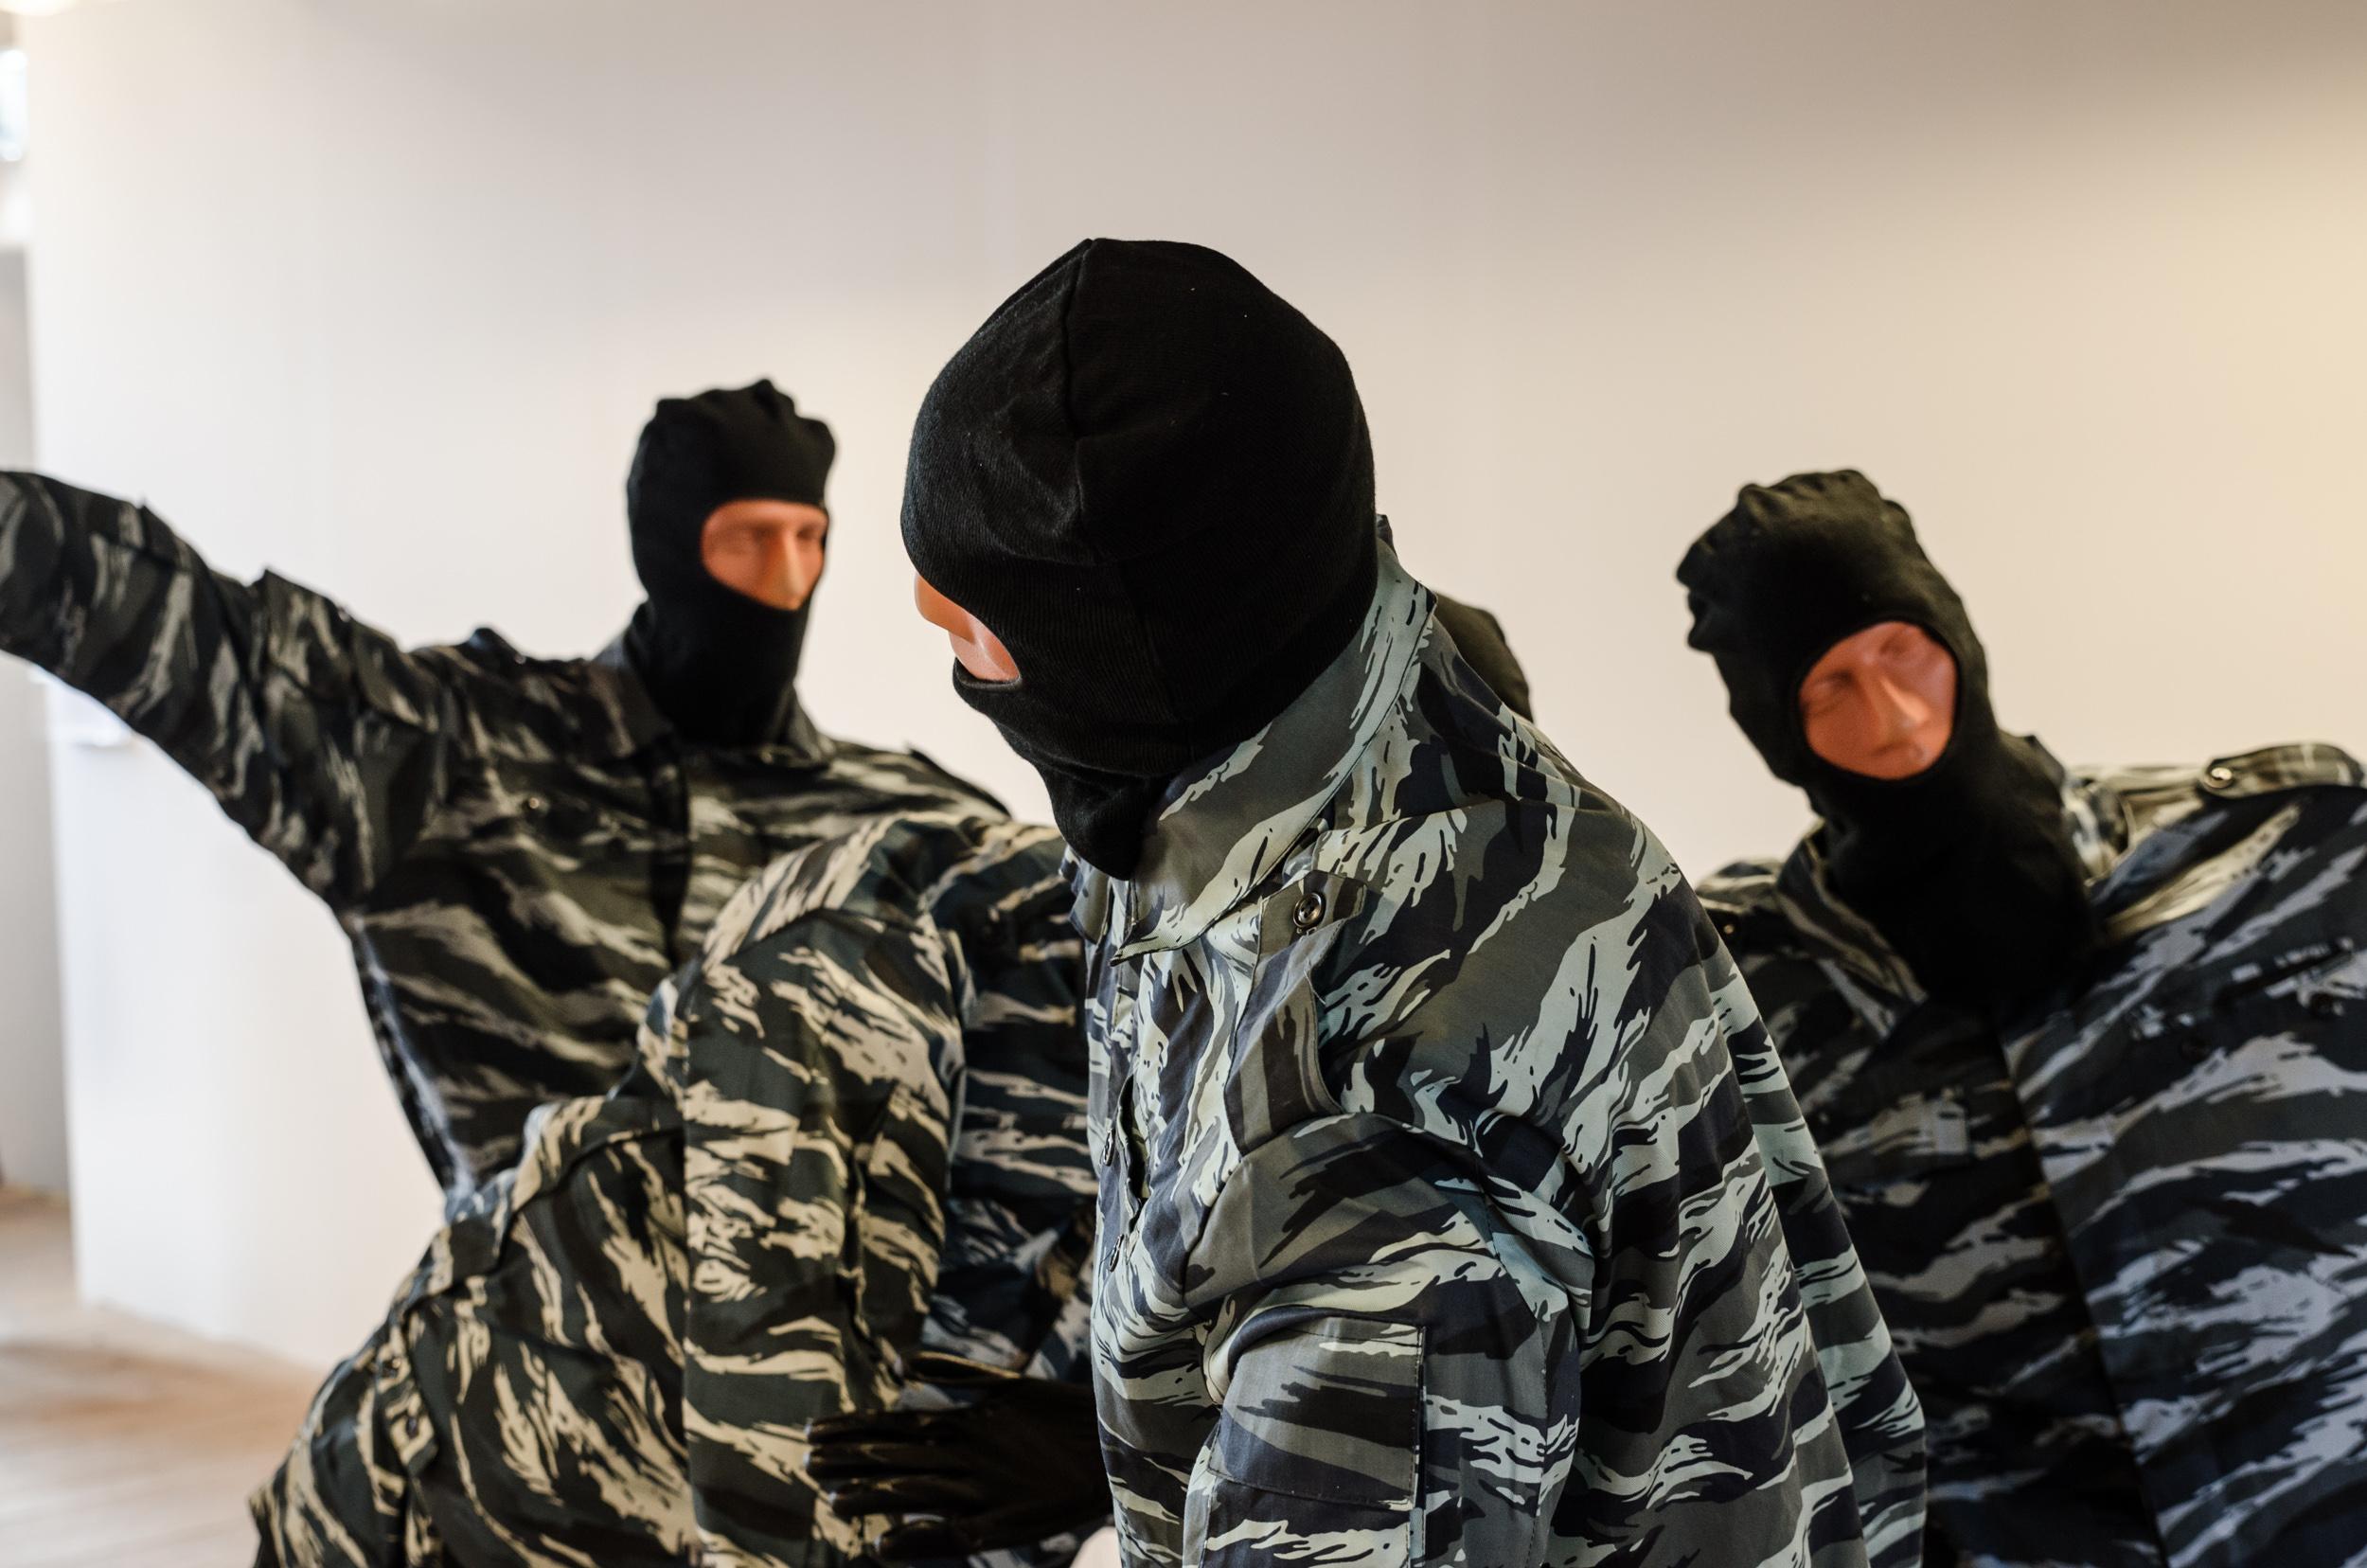 Pussy Riot and the cosacks på Havremagasinet i Boden. Vikentiy Nilins skulptur